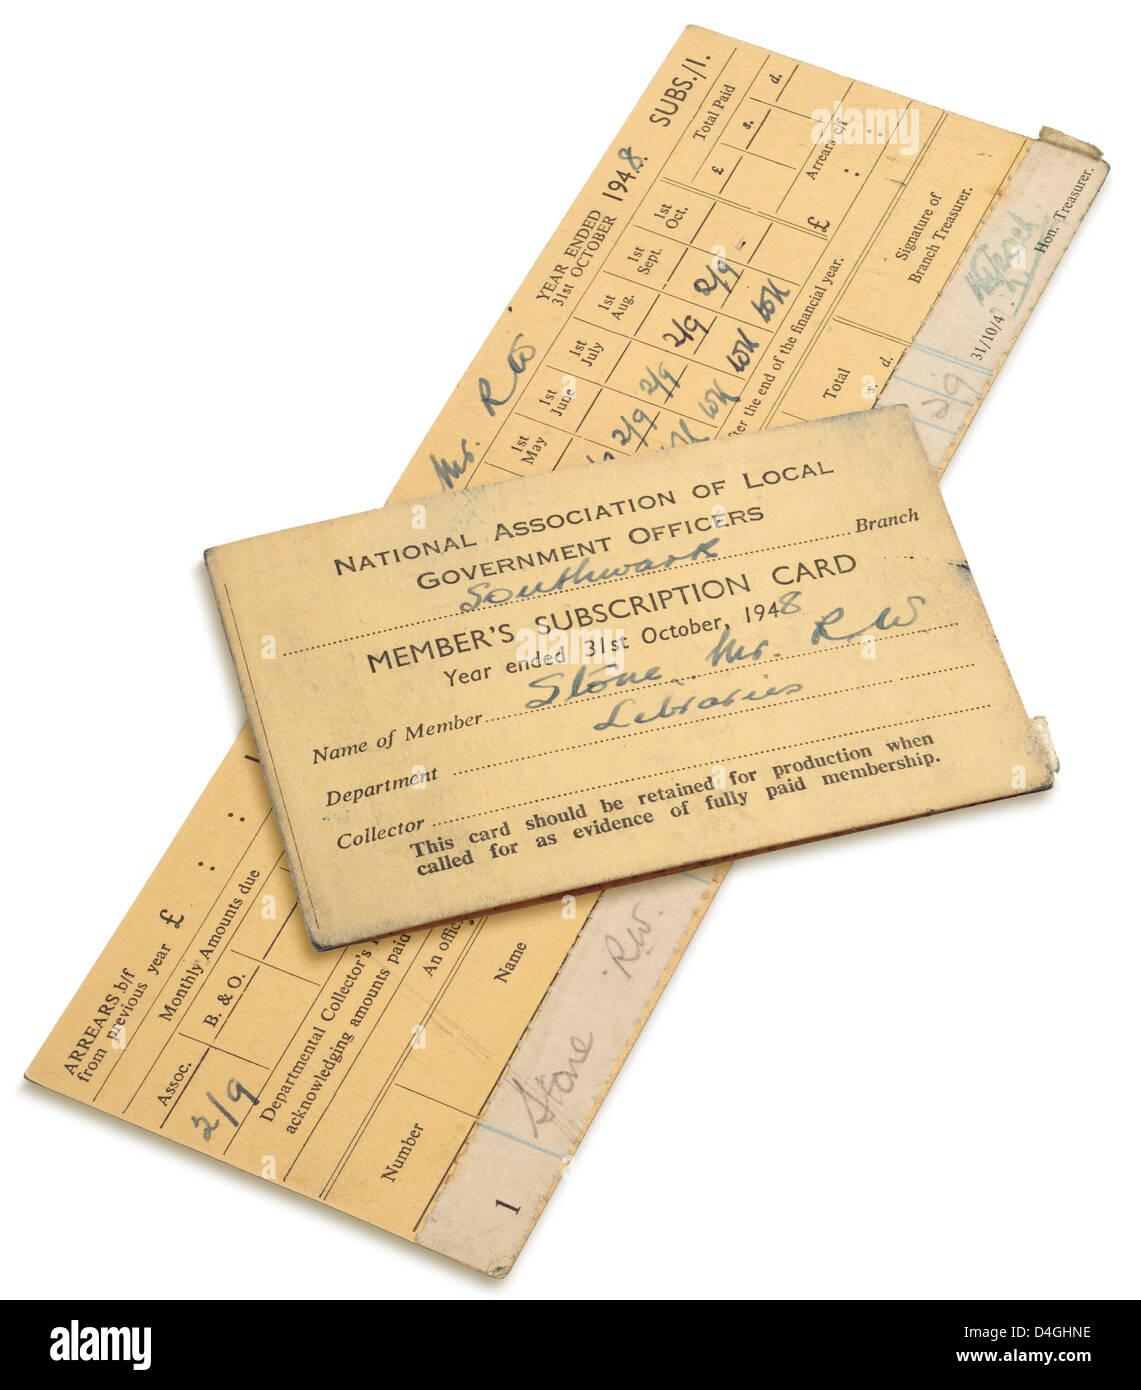 NALGO - nationale und lokale Regierung Offiziersgesellschaft - Member-Abo-Karte aus dem Jahr 1948. Stockbild